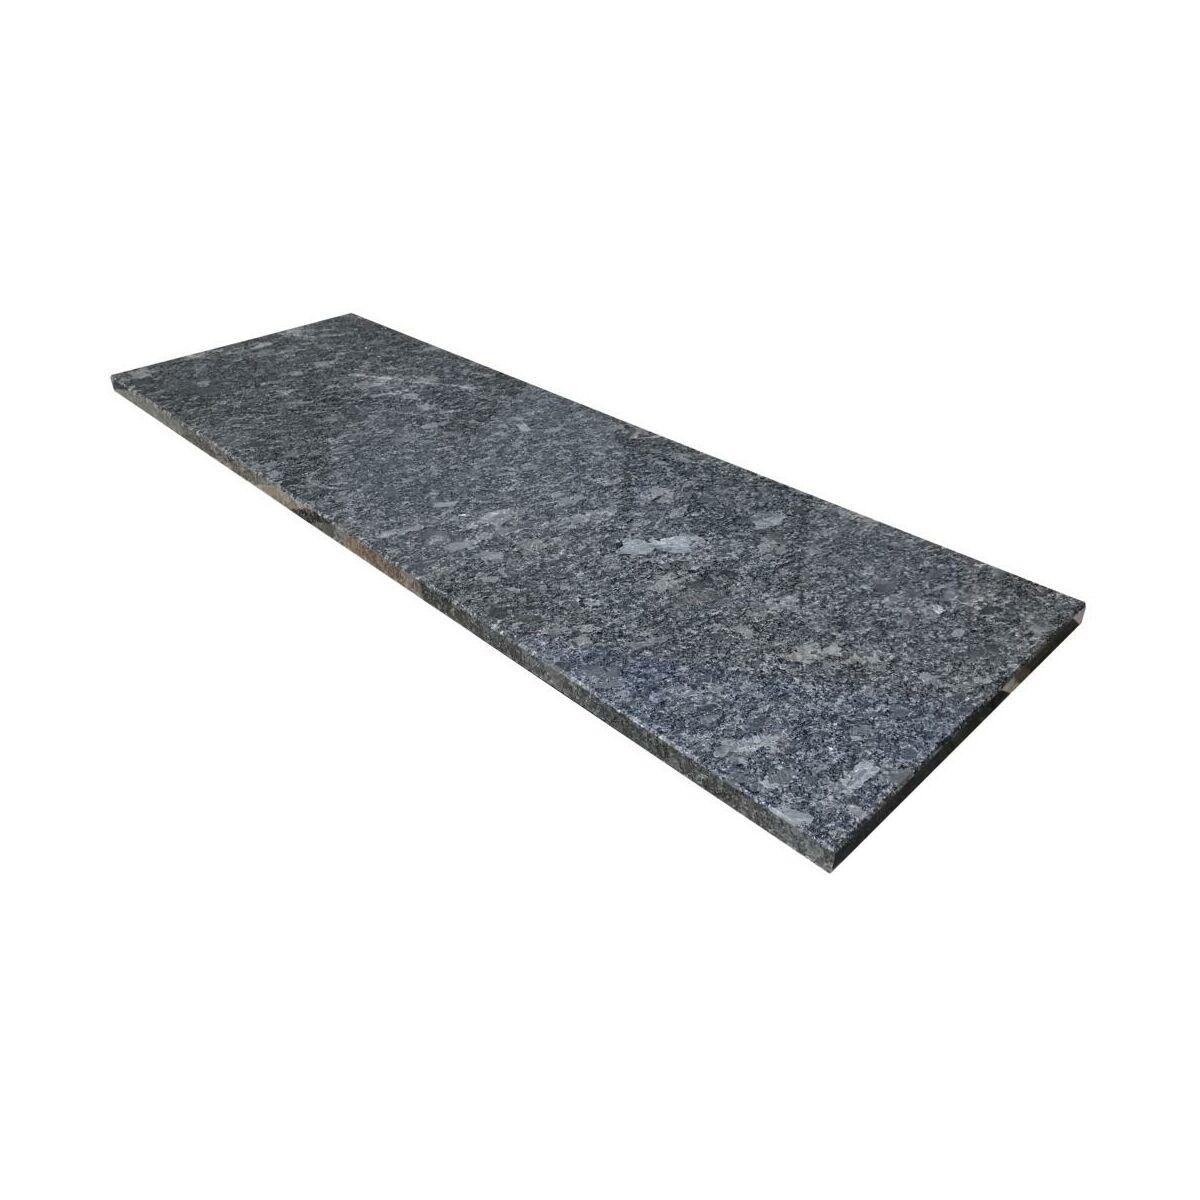 Parapet Granitowy Indy Black 30 X 152 Cm Knap Parapety Wewnetrzne W Atrakcyjnej Cenie W Sklepach Leroy Merlin